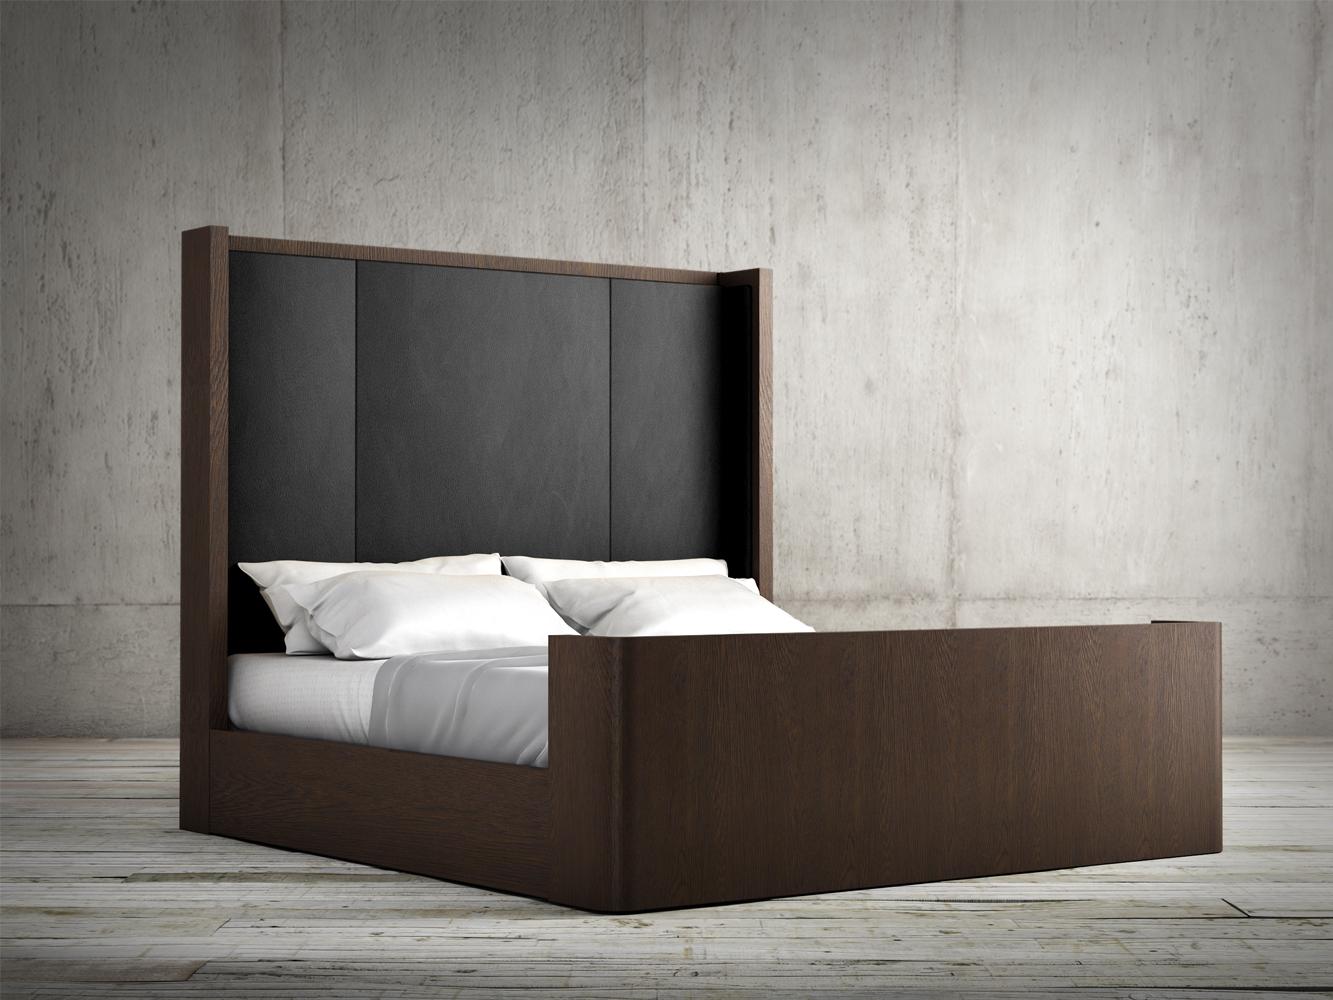 pix-us-cg-bed-on-wood-floor